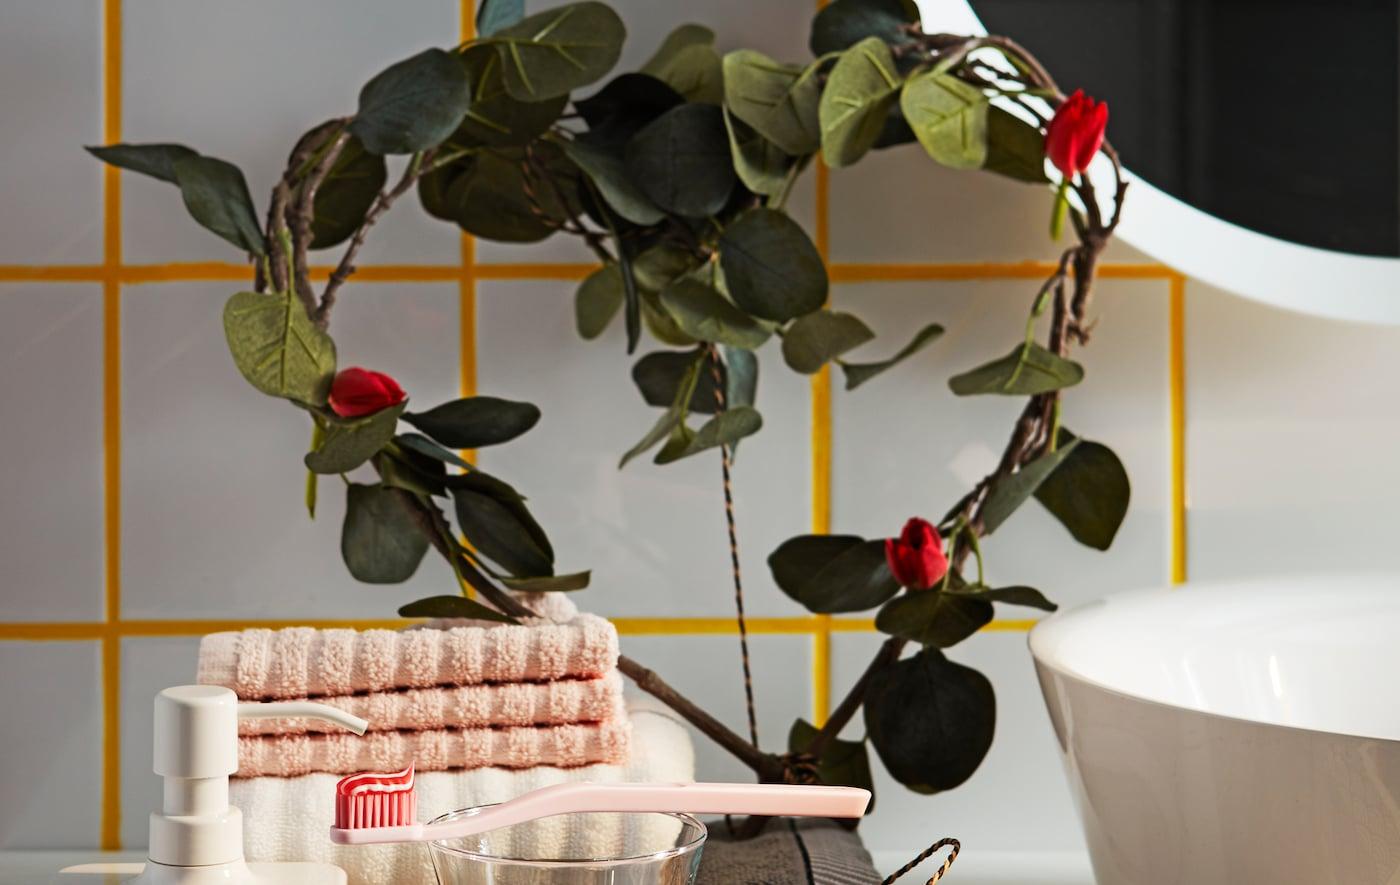 IKEA SMYCKA adar artifizialak eukalipto berde kolorezkoak, bihotz formarekin bainugelako apala dekoratzen.